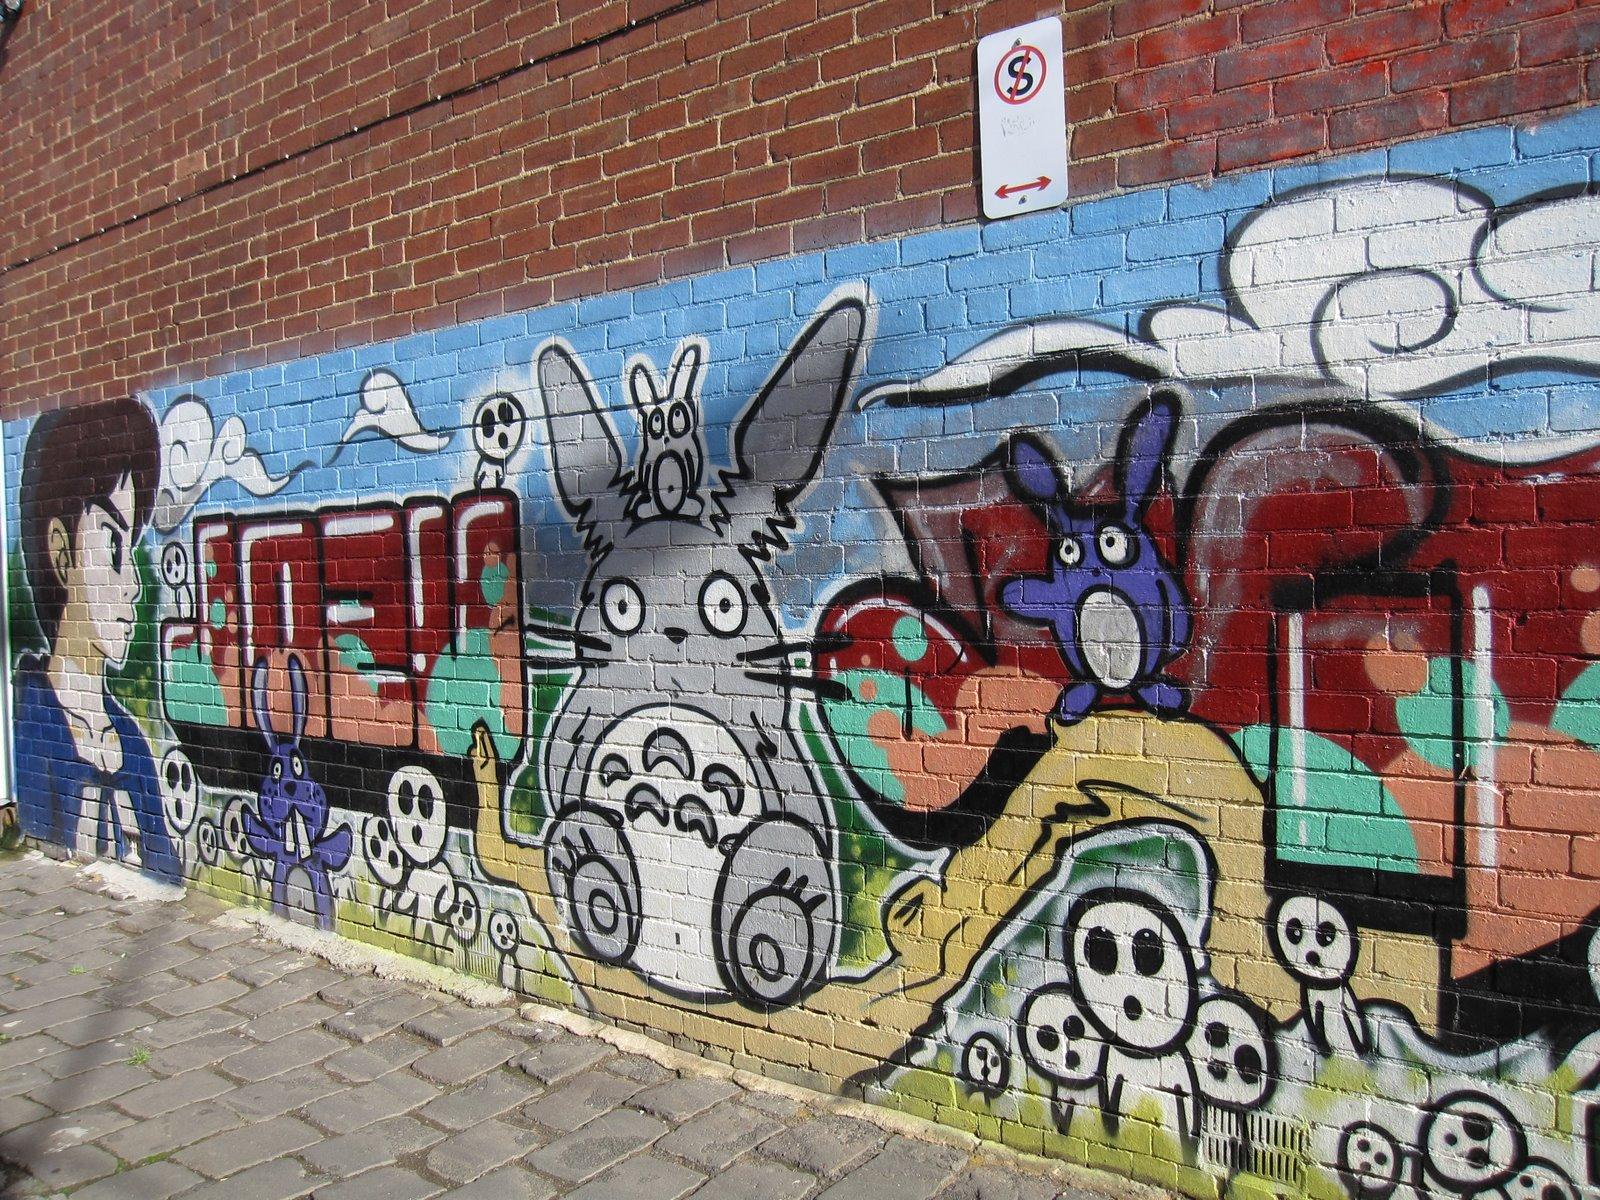 Wall Art Melbourne part 1 u2014 Pickle Deli Square & Attractive Wall Art Melbourne Mold - Wall Art Ideas - dochista.info